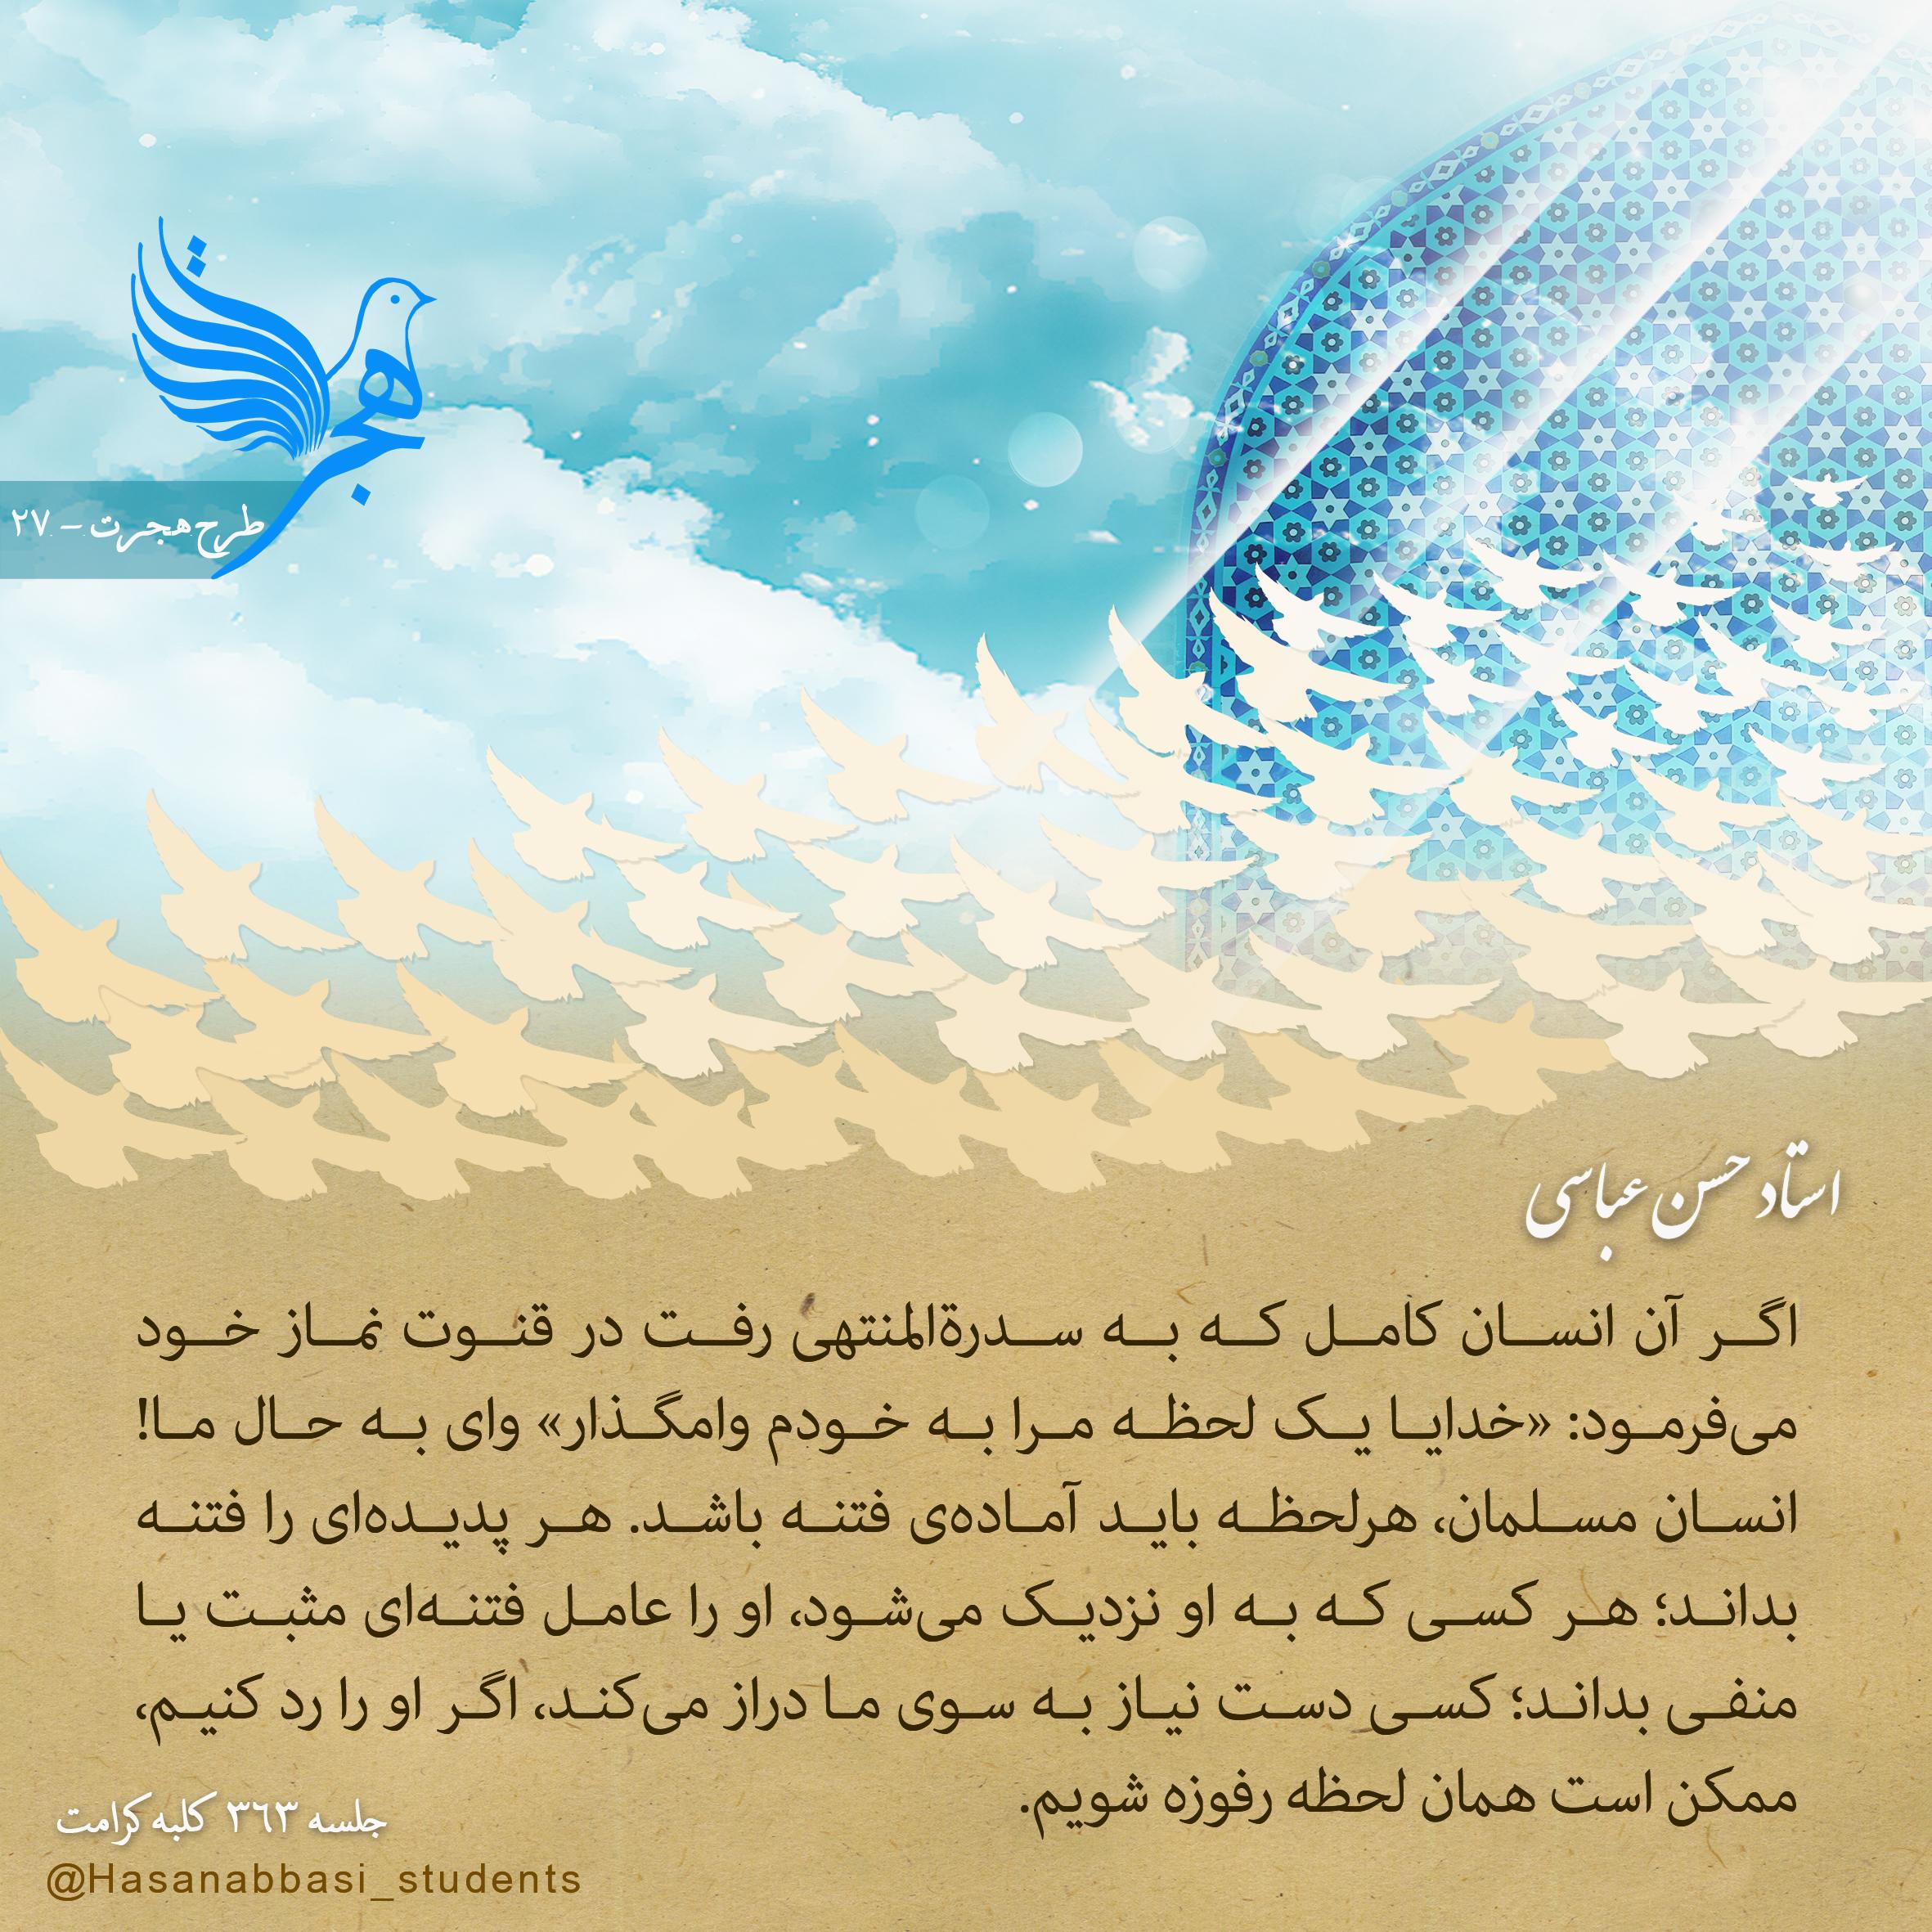 طرح هجرت ۲۷ - انسان مسلمان هر لحظه باید آمادهی فتنه باشد...